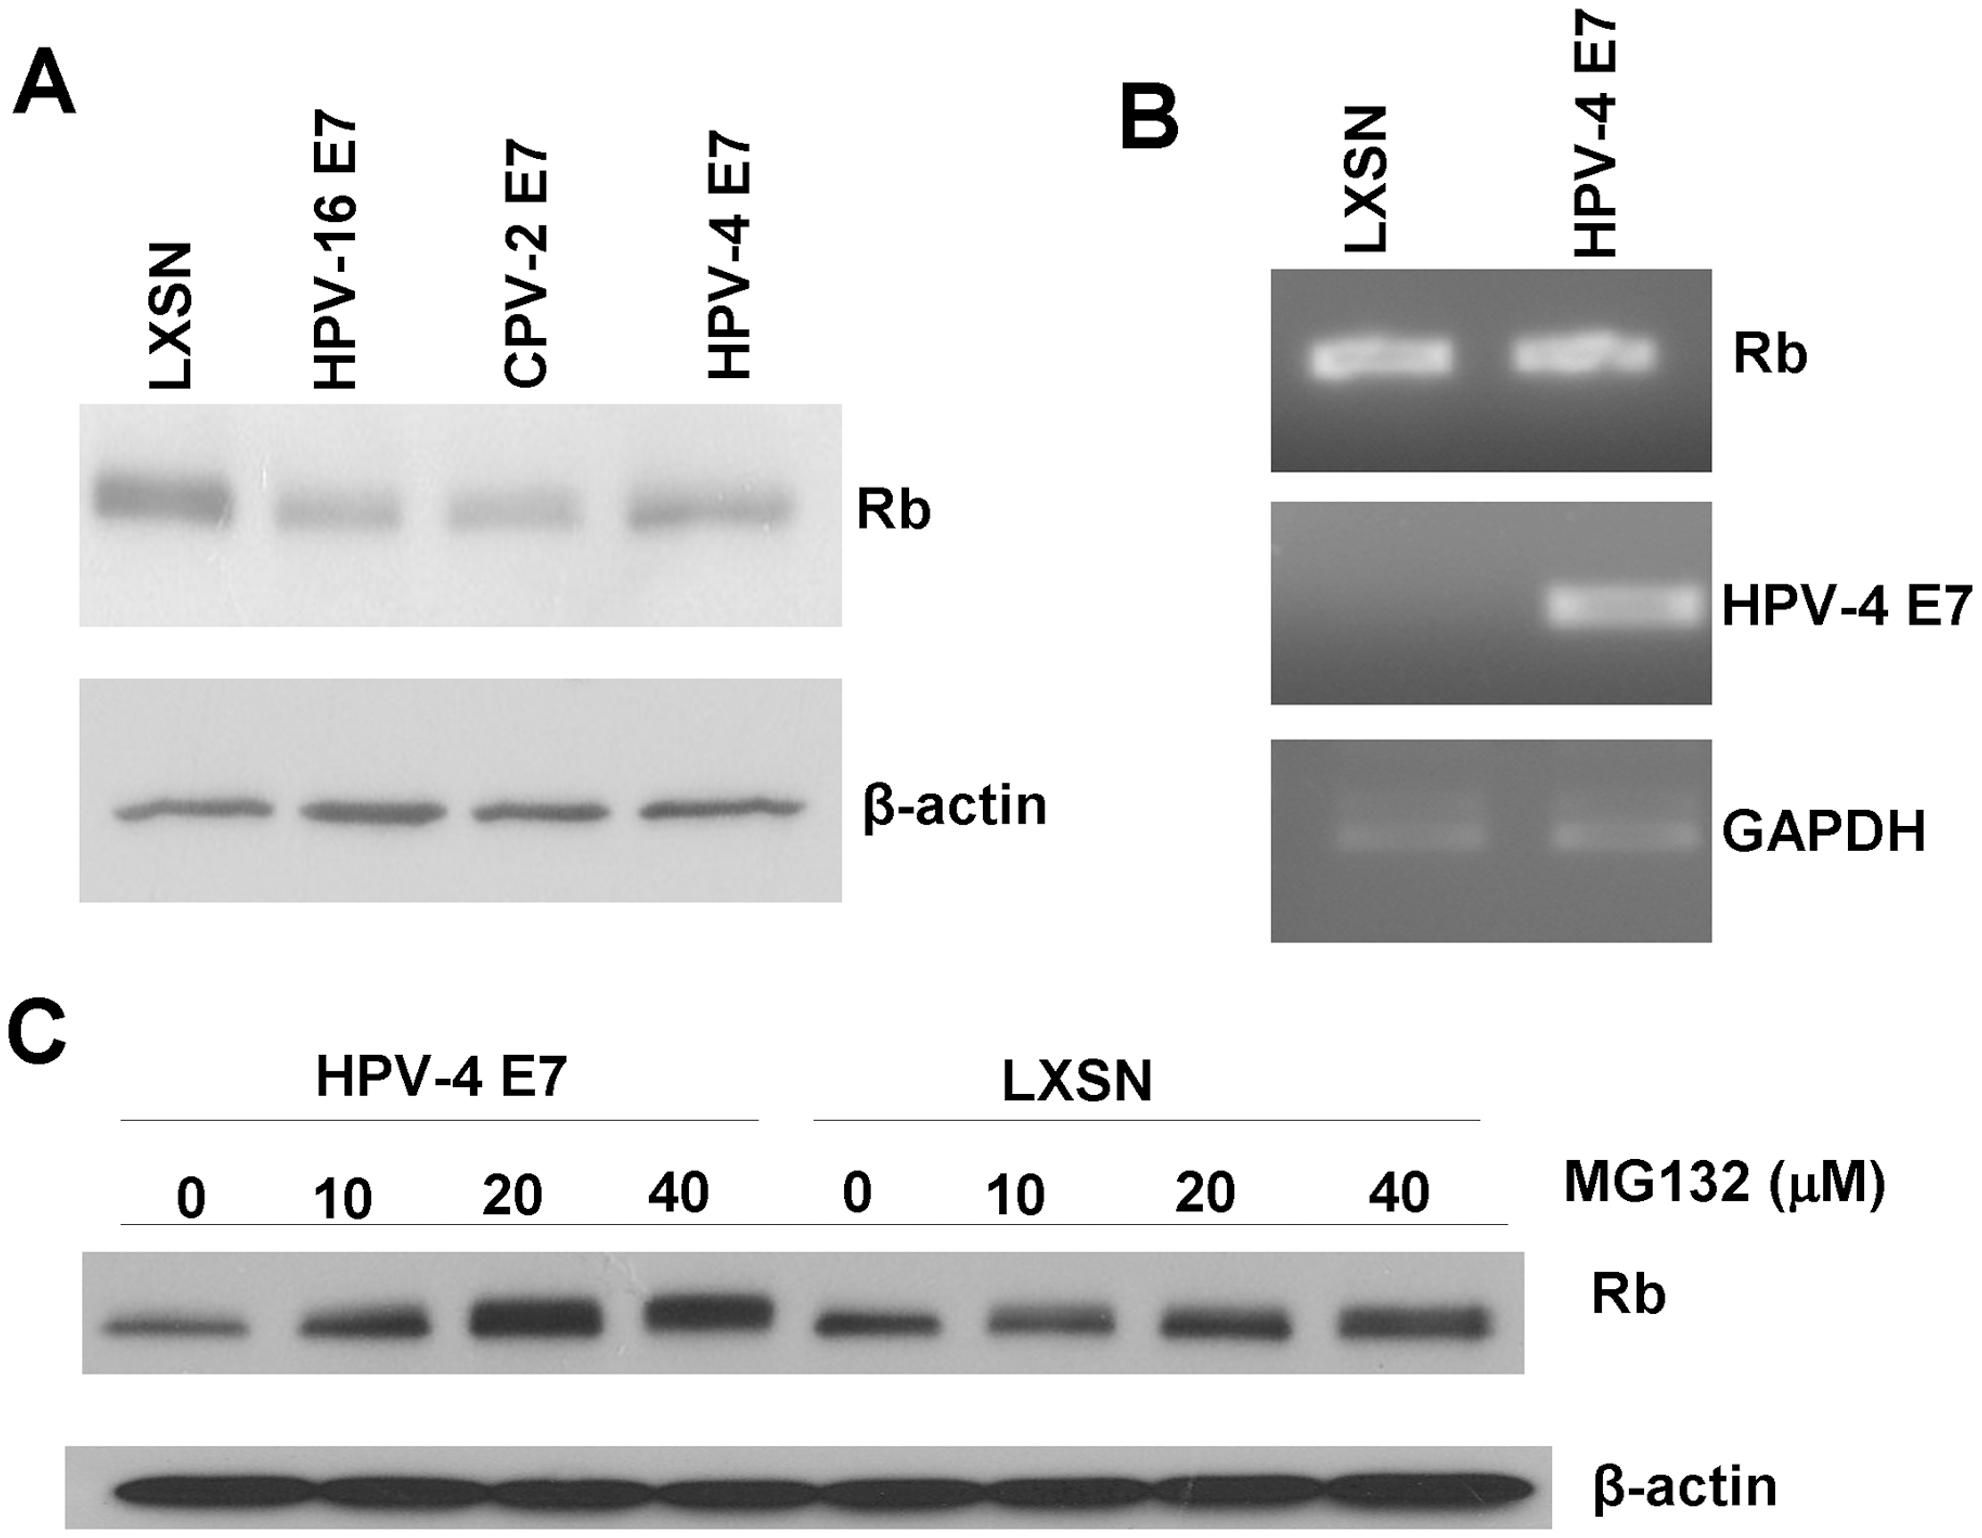 HPV-4 E7 also degrades pRb.